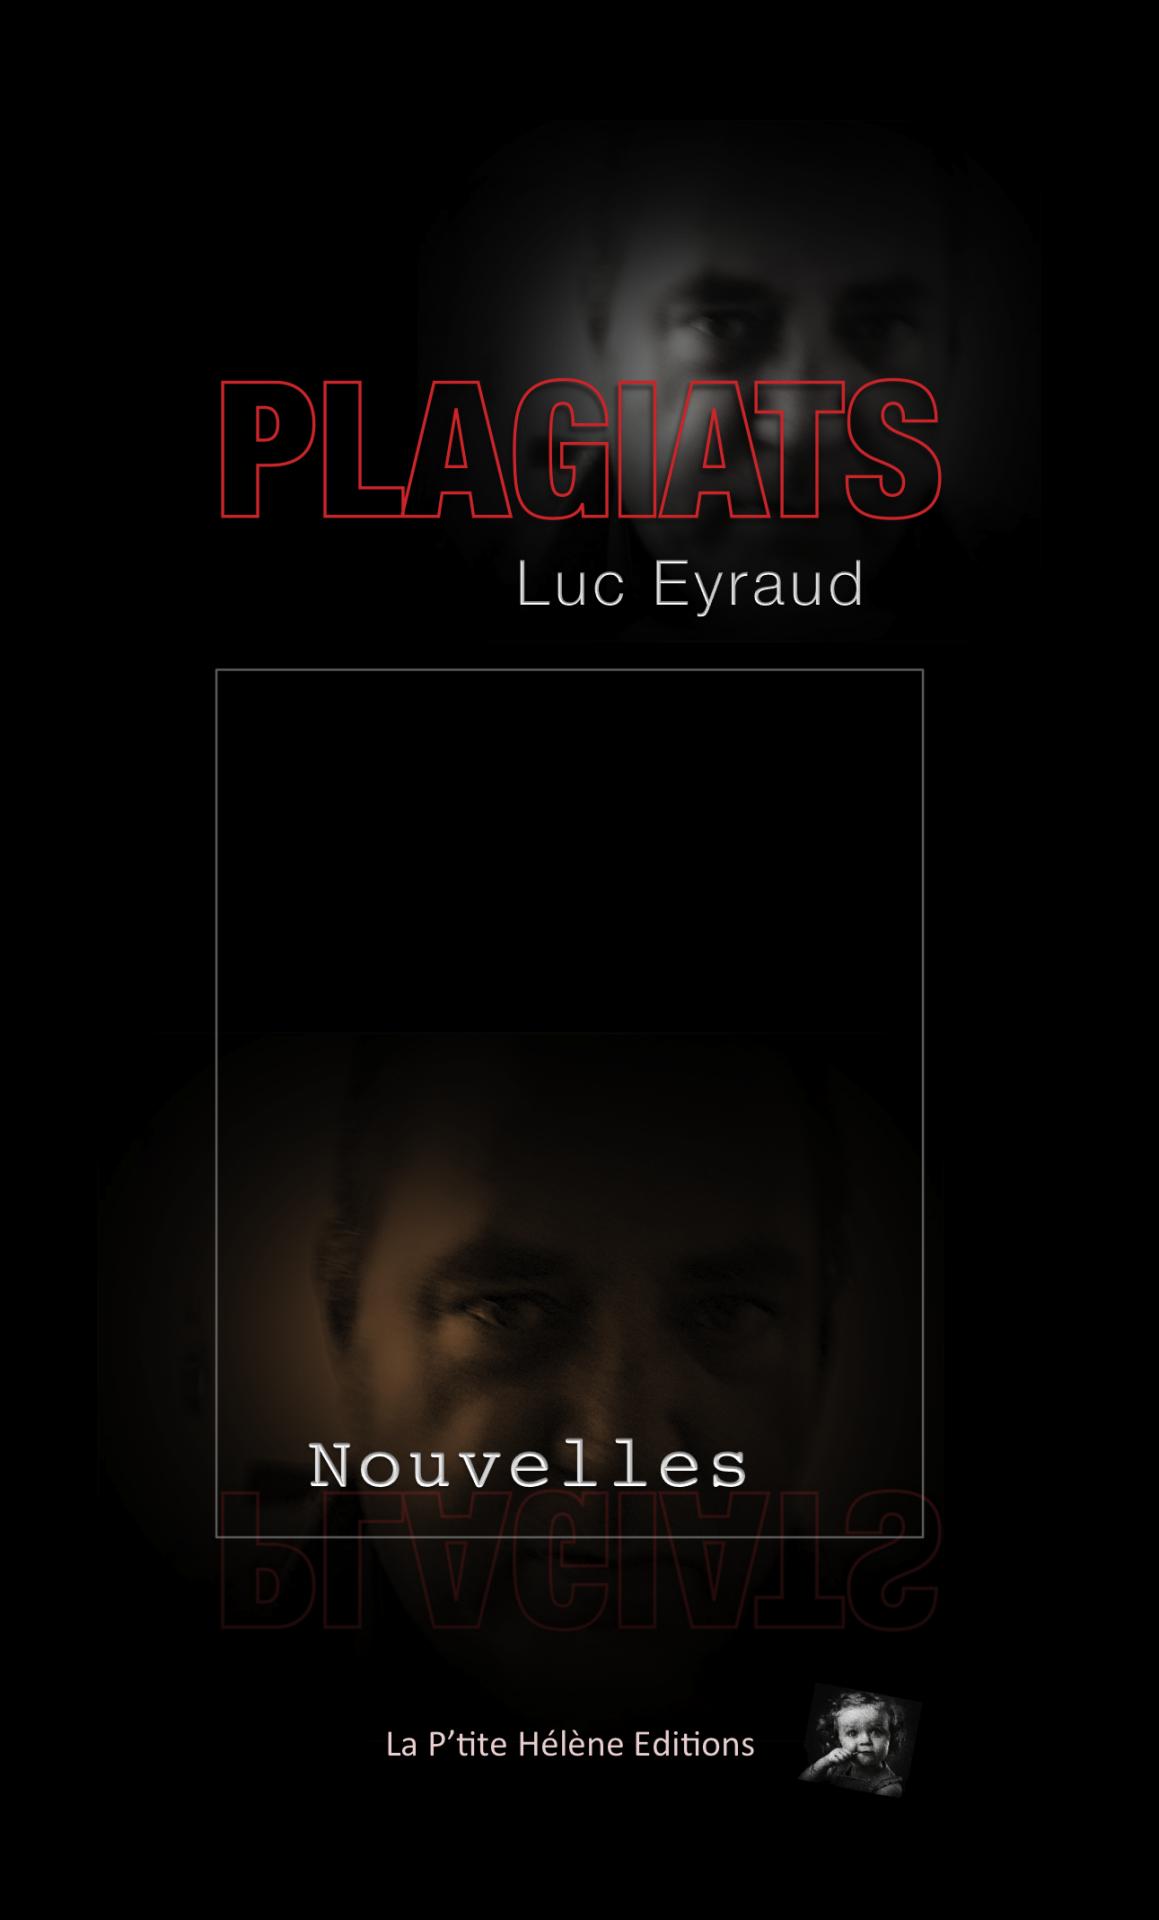 Plagiats couv